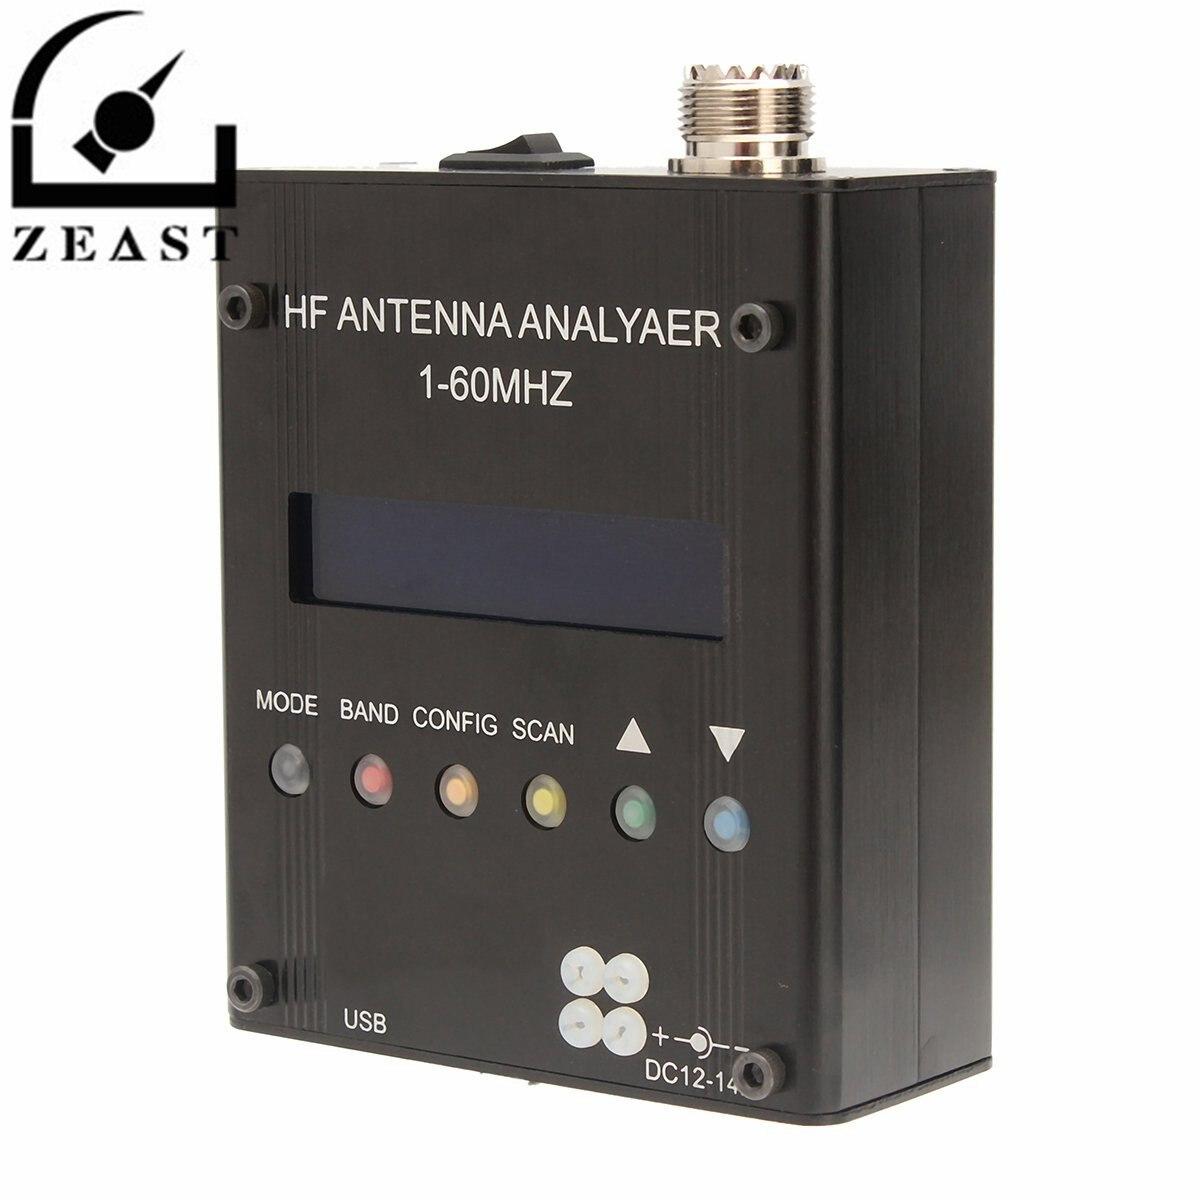 MR300 Digital Shortwave Antenna Analyzer Meter Tester 1-60M For Ham Radio Test Standing Wave Impedance Capacitance 1 x yellow ccl mr100 digital shortwave antenna analyzer tester 1 60m for ham radio q9